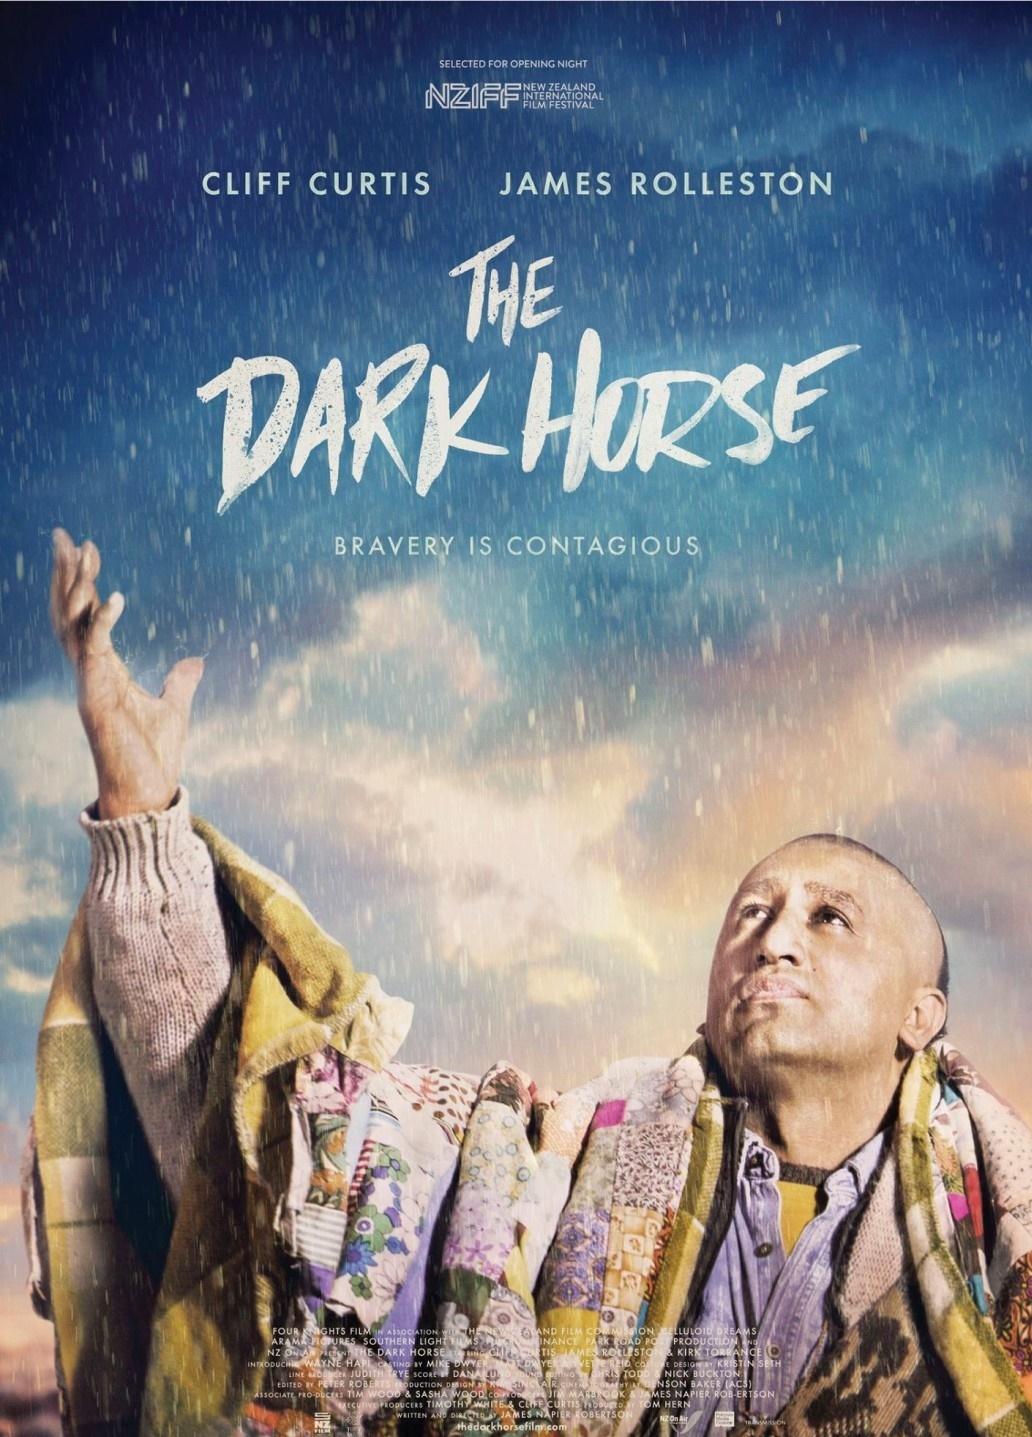 """El filme """"The dark horse"""" se exhibe en el marco del ciclo de cine neozelandés organizado por la Fundación Cristino de Vera-Espacio Cultural CajaCanarias y la Embajada de Nueva Zelanda en España"""